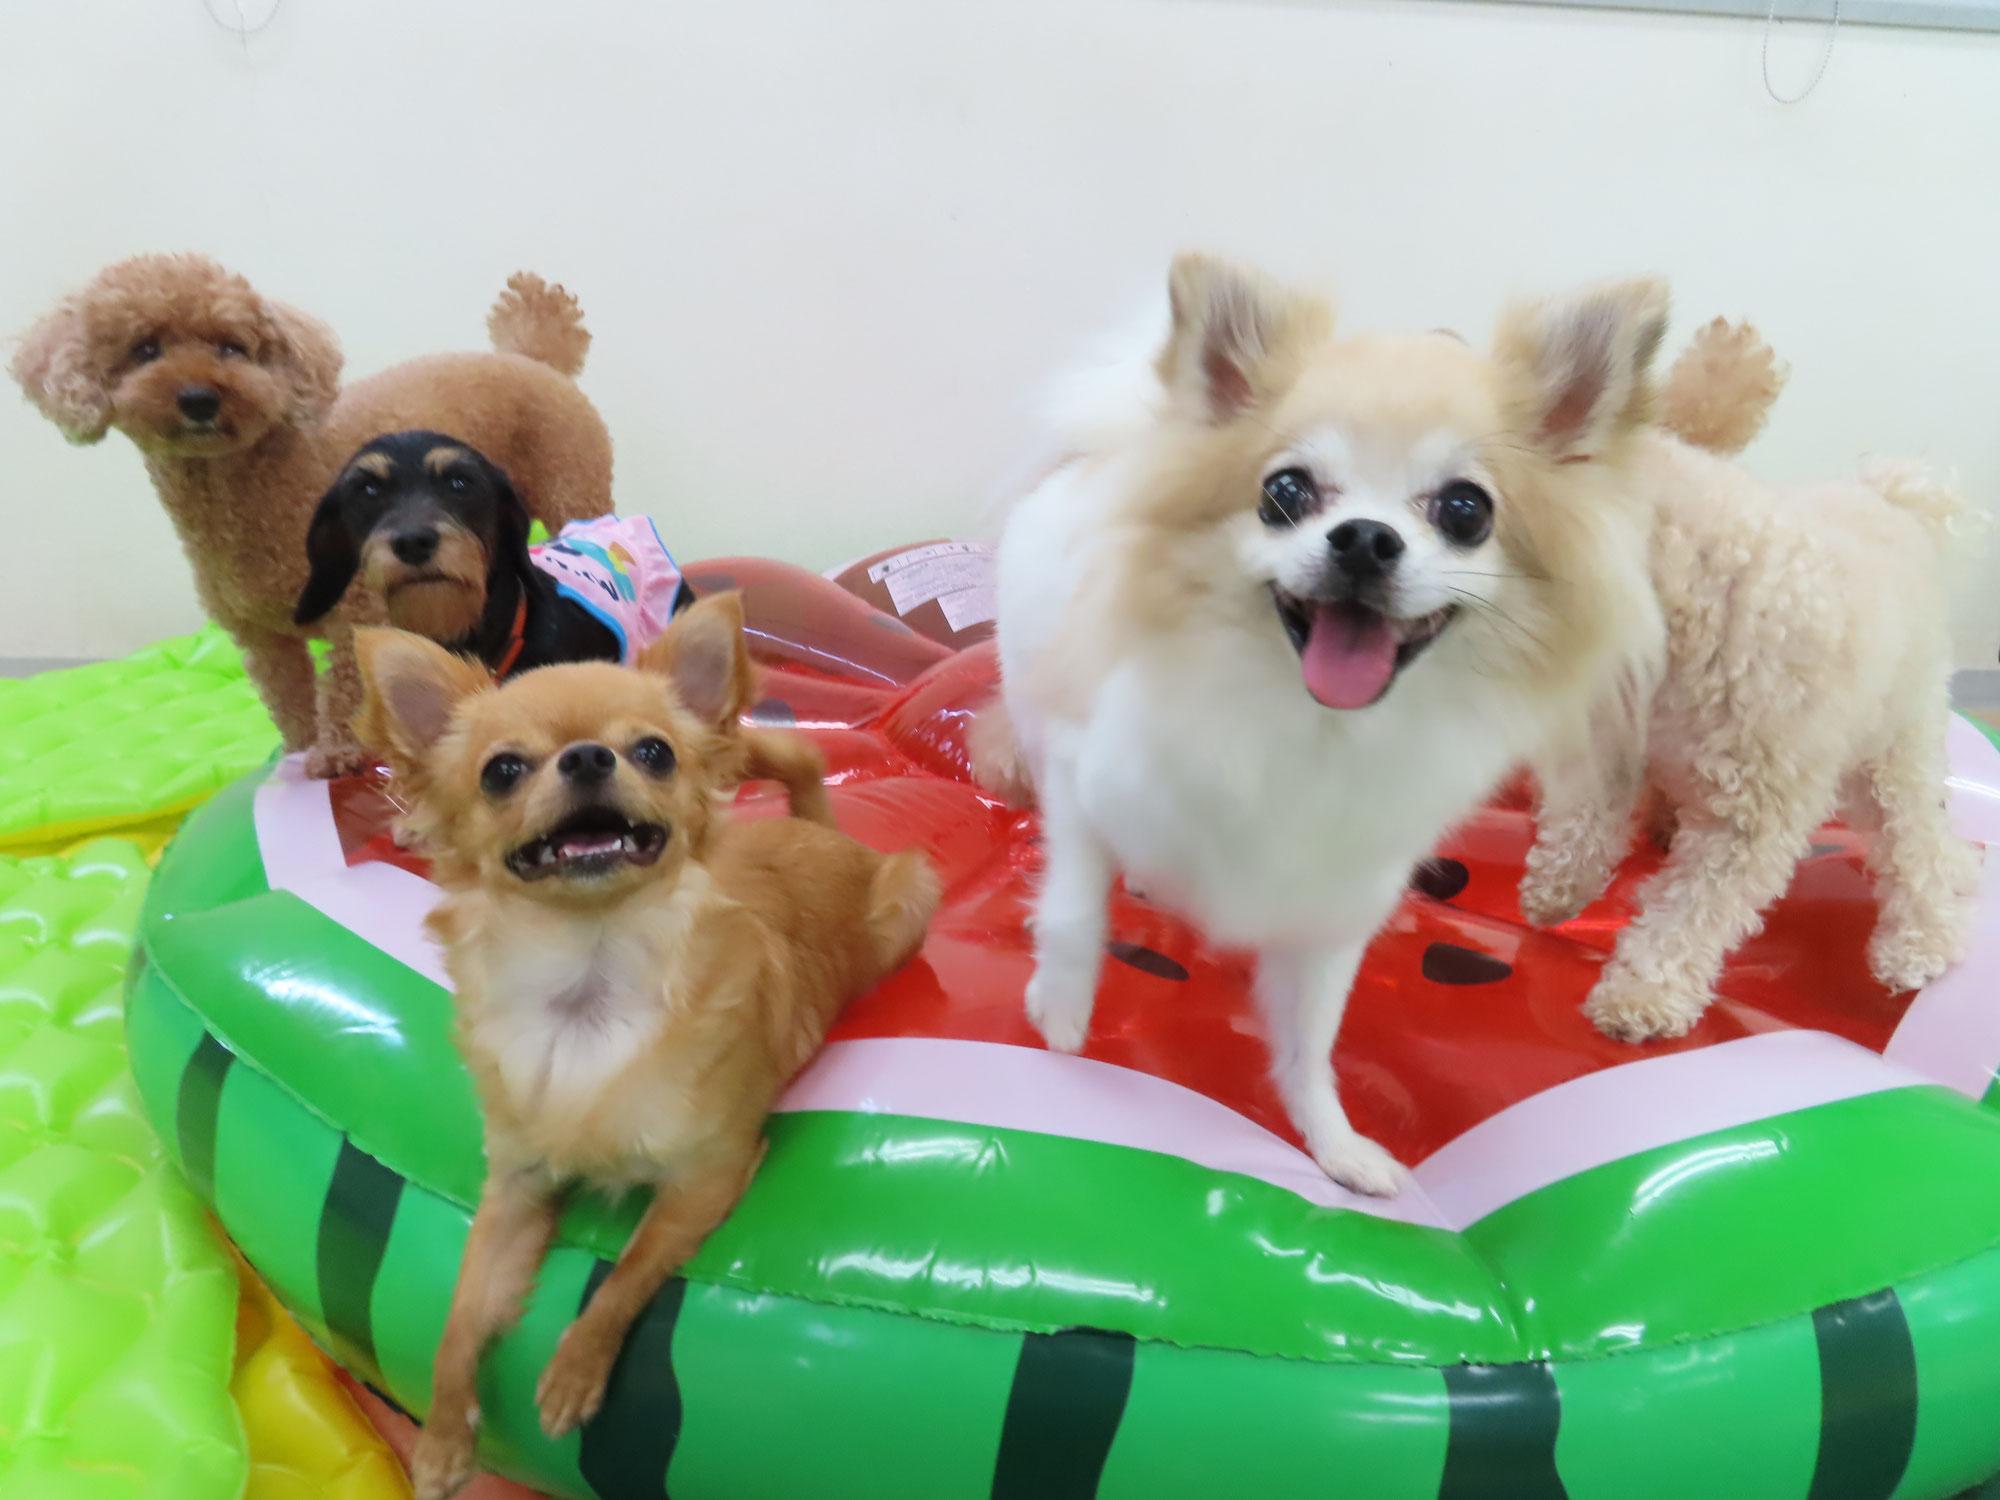 愛犬のウンチを観察しよう!  犬のしつけ教室@アロハドギー